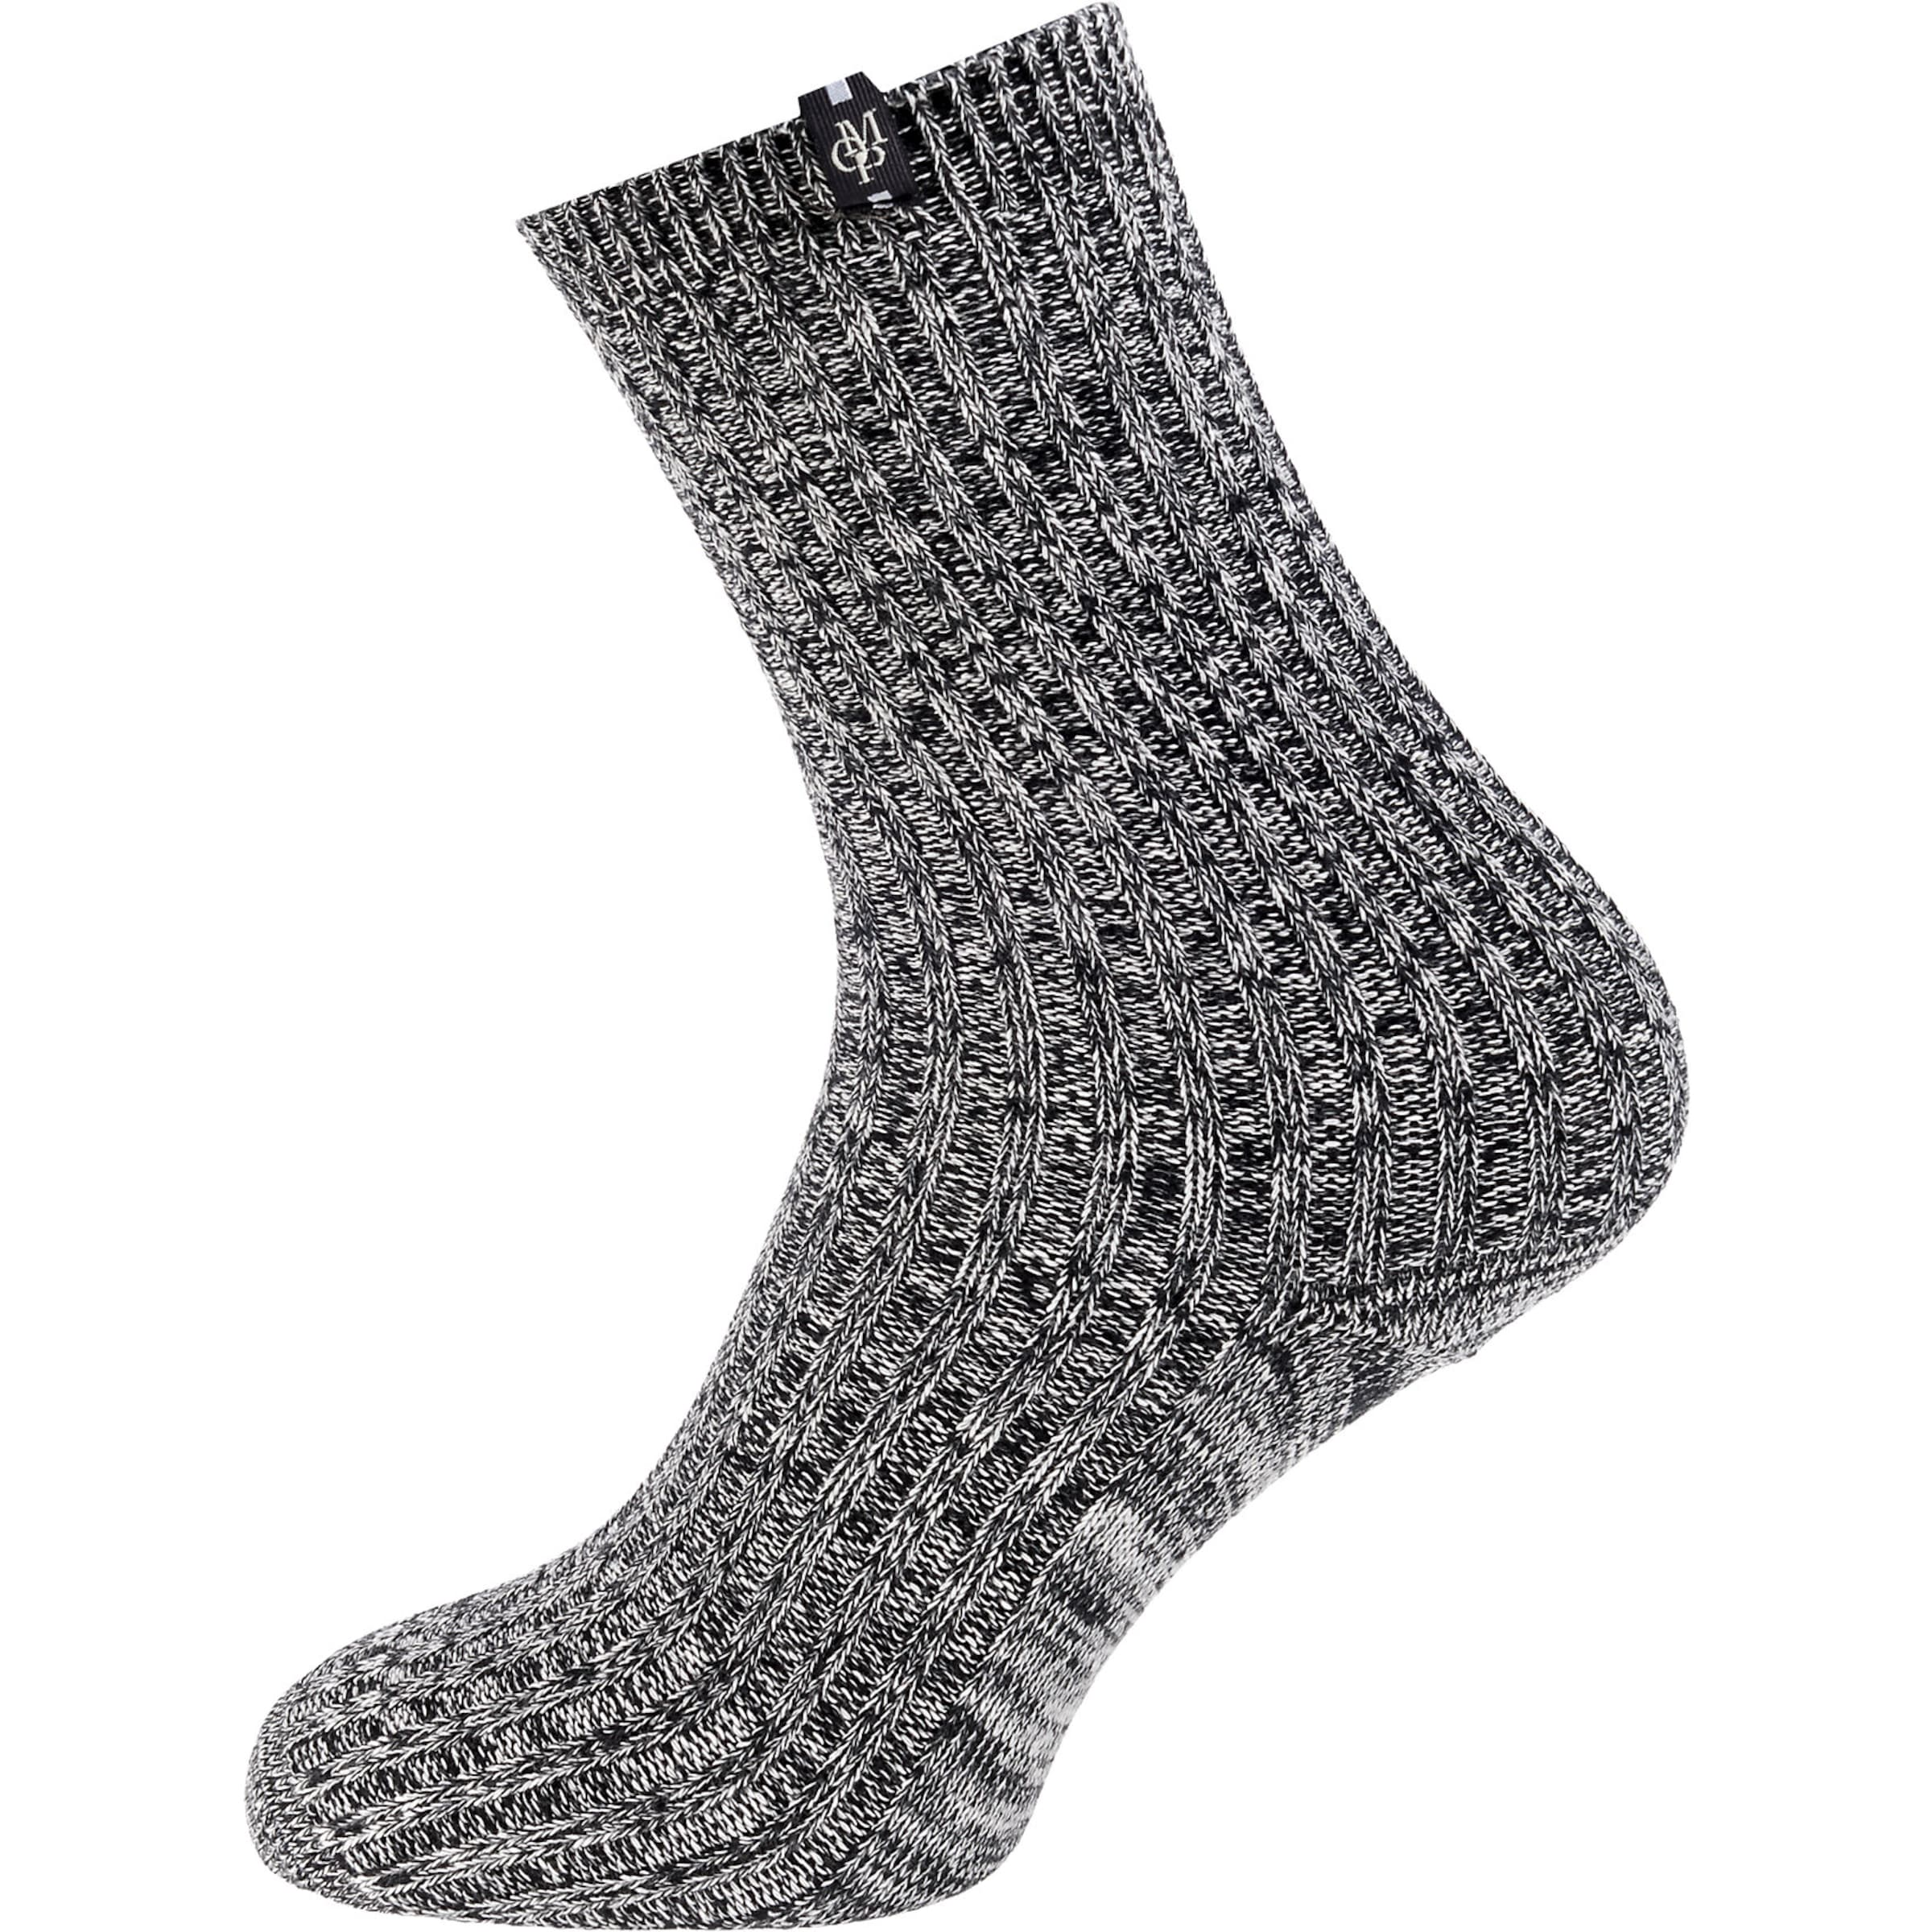 Freies Verschiffen Bester Verkauf Guenstige Marc O'Polo Socken 'Finn' Günstiges Online-Shopping 7pB1a5